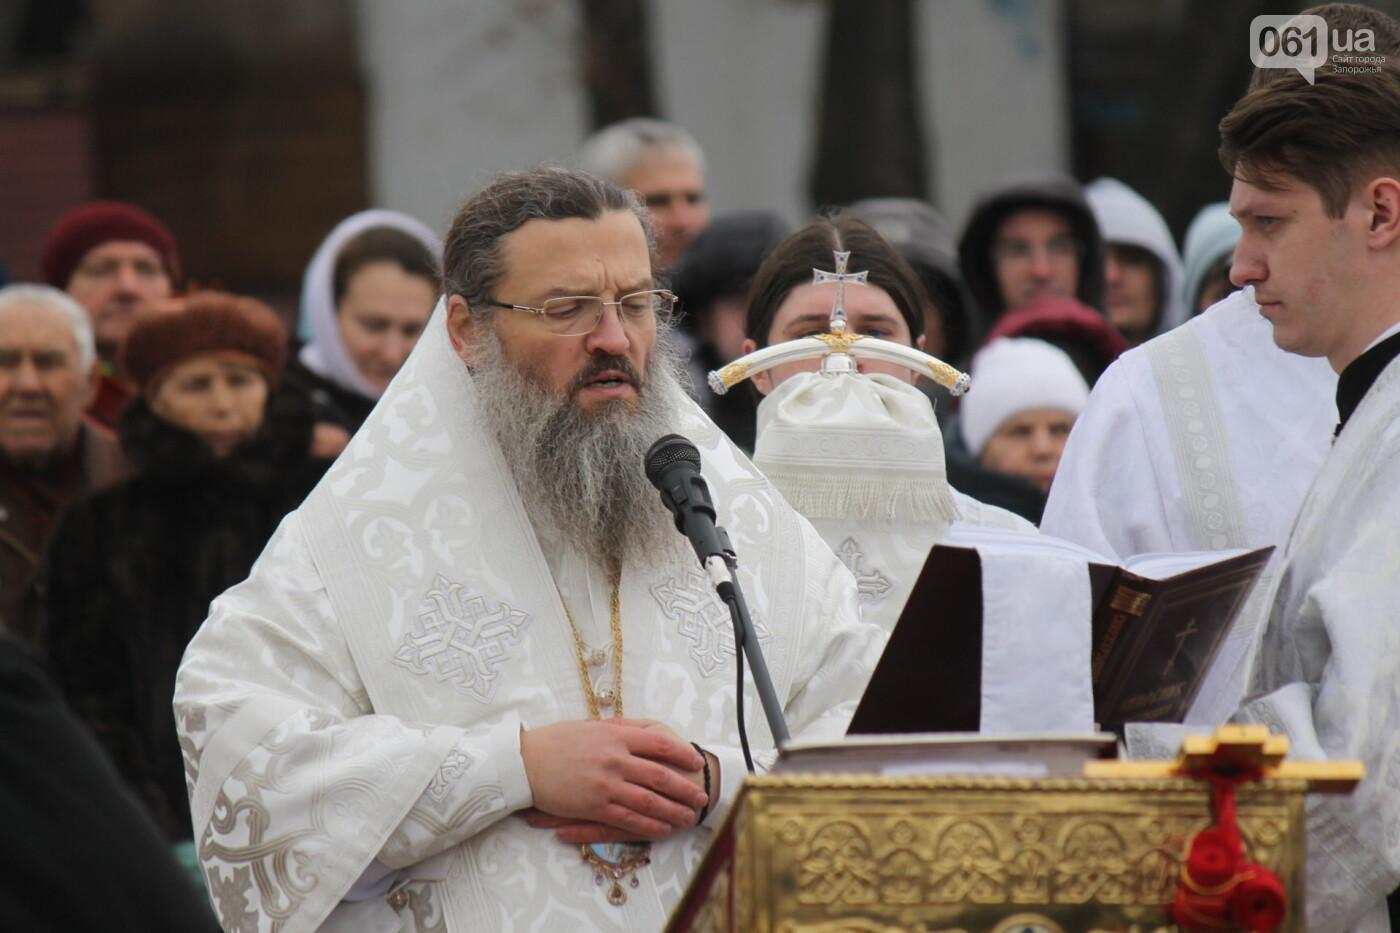 Как в Запорожье массово отметили Крещение на Центральном пляже, – ФОТОРЕПОРТАЖ, фото-6